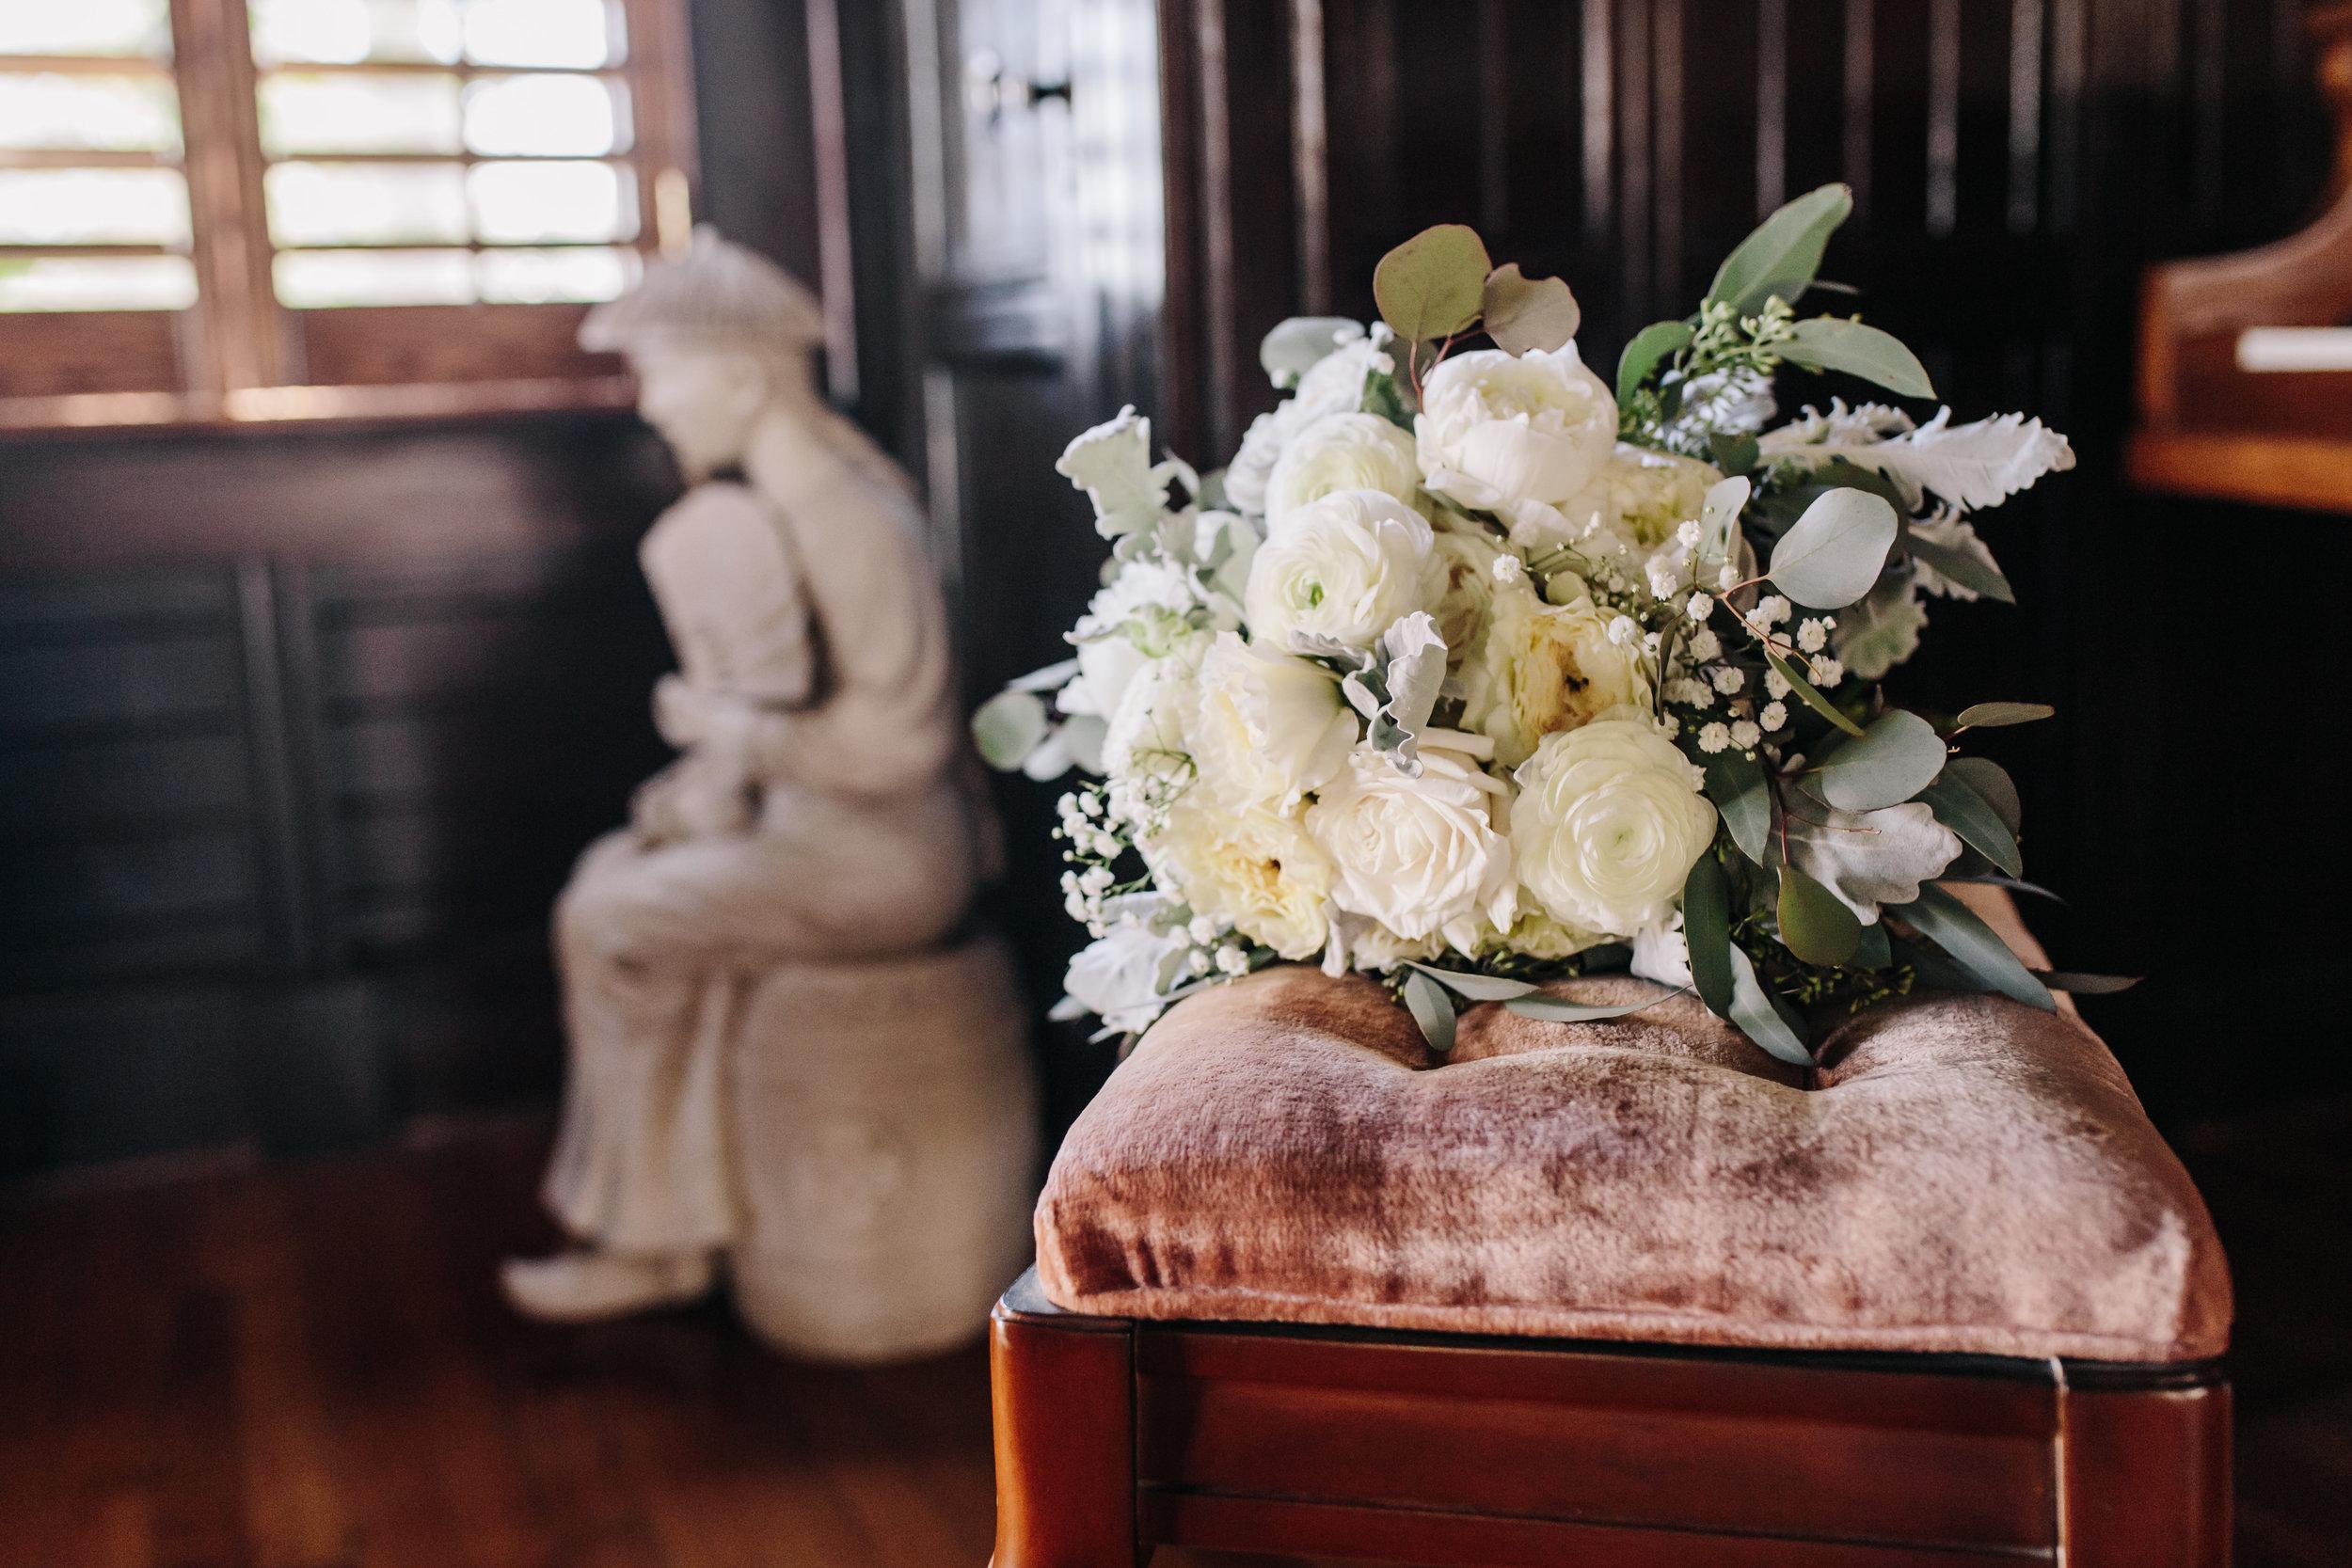 2018.02.10 Mariah and Ryan Baker Estate on Halifax Wedding (246 of 1218).jpg